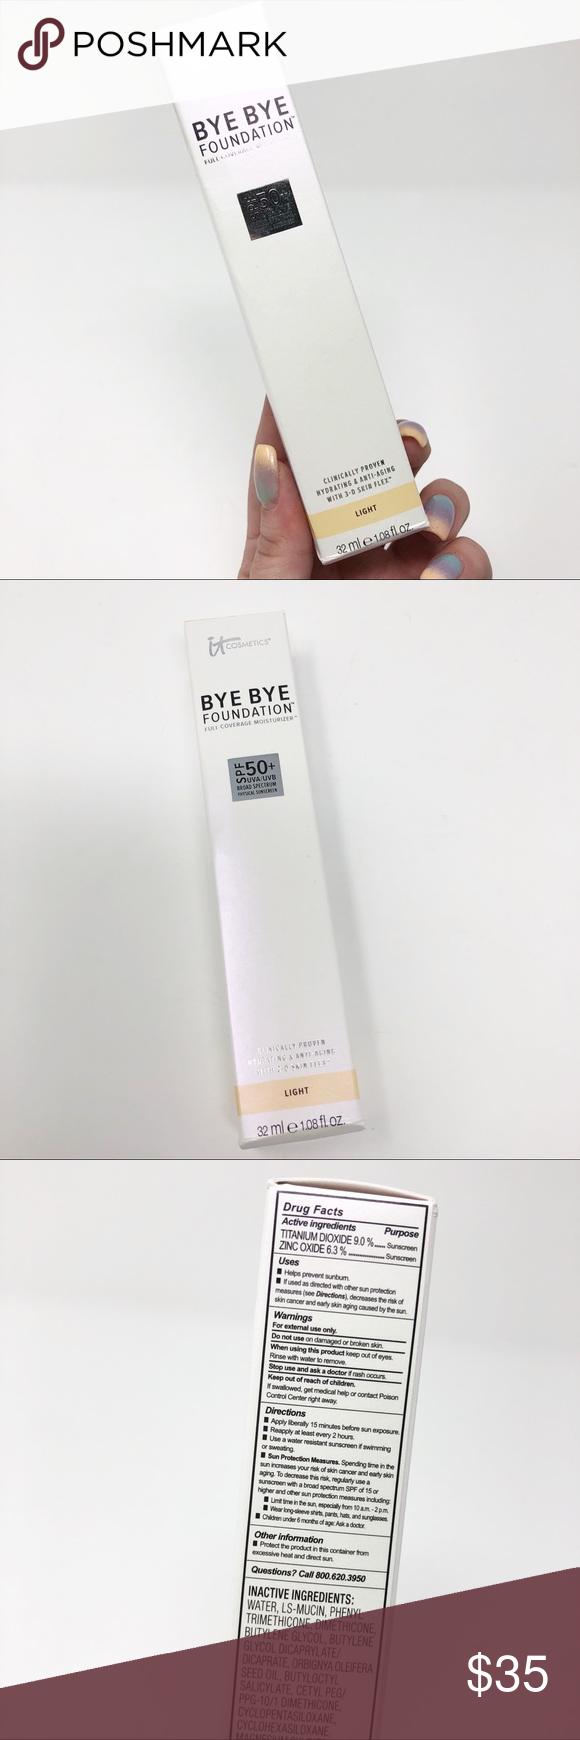 IT Cosmetics Bye Bye Foundation Full Coverage Bye Bye